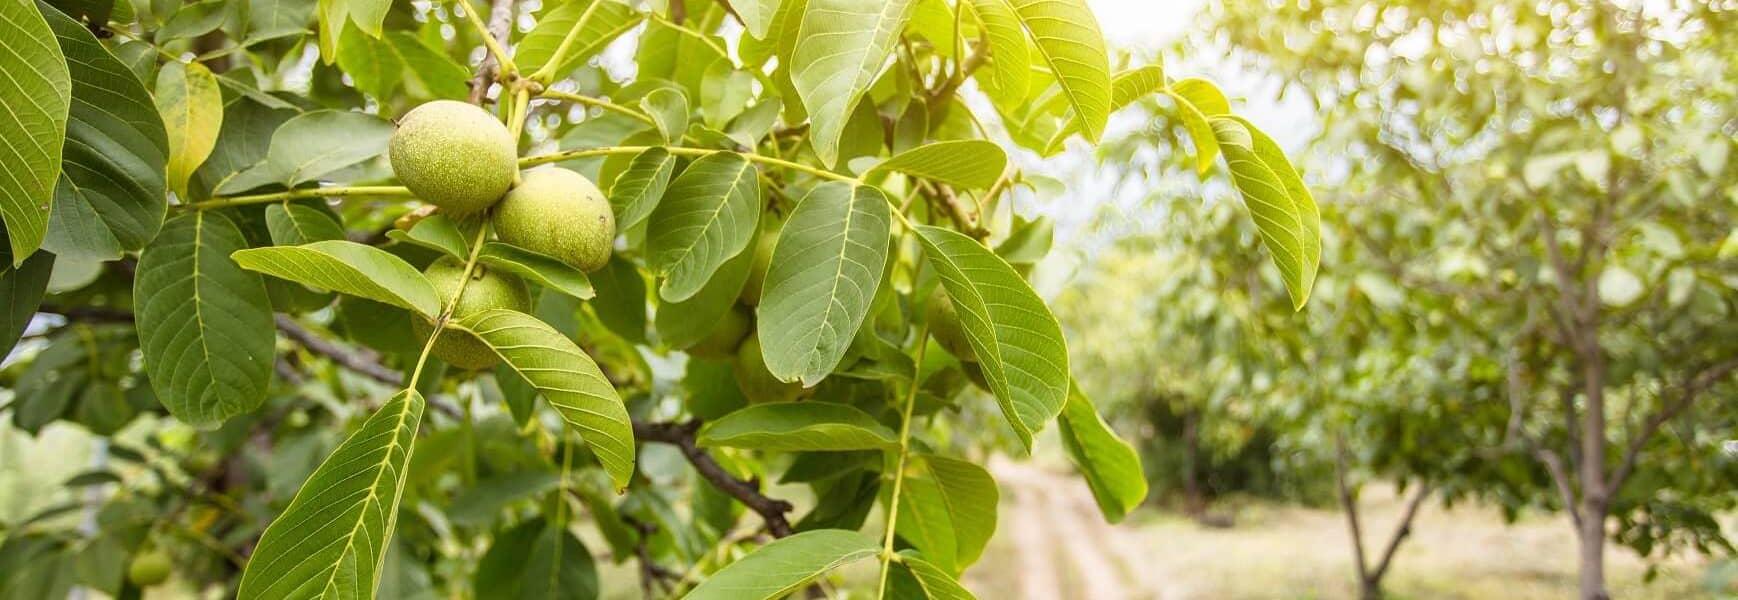 خرید بهترین نژاد درخت گردو از نهالستان